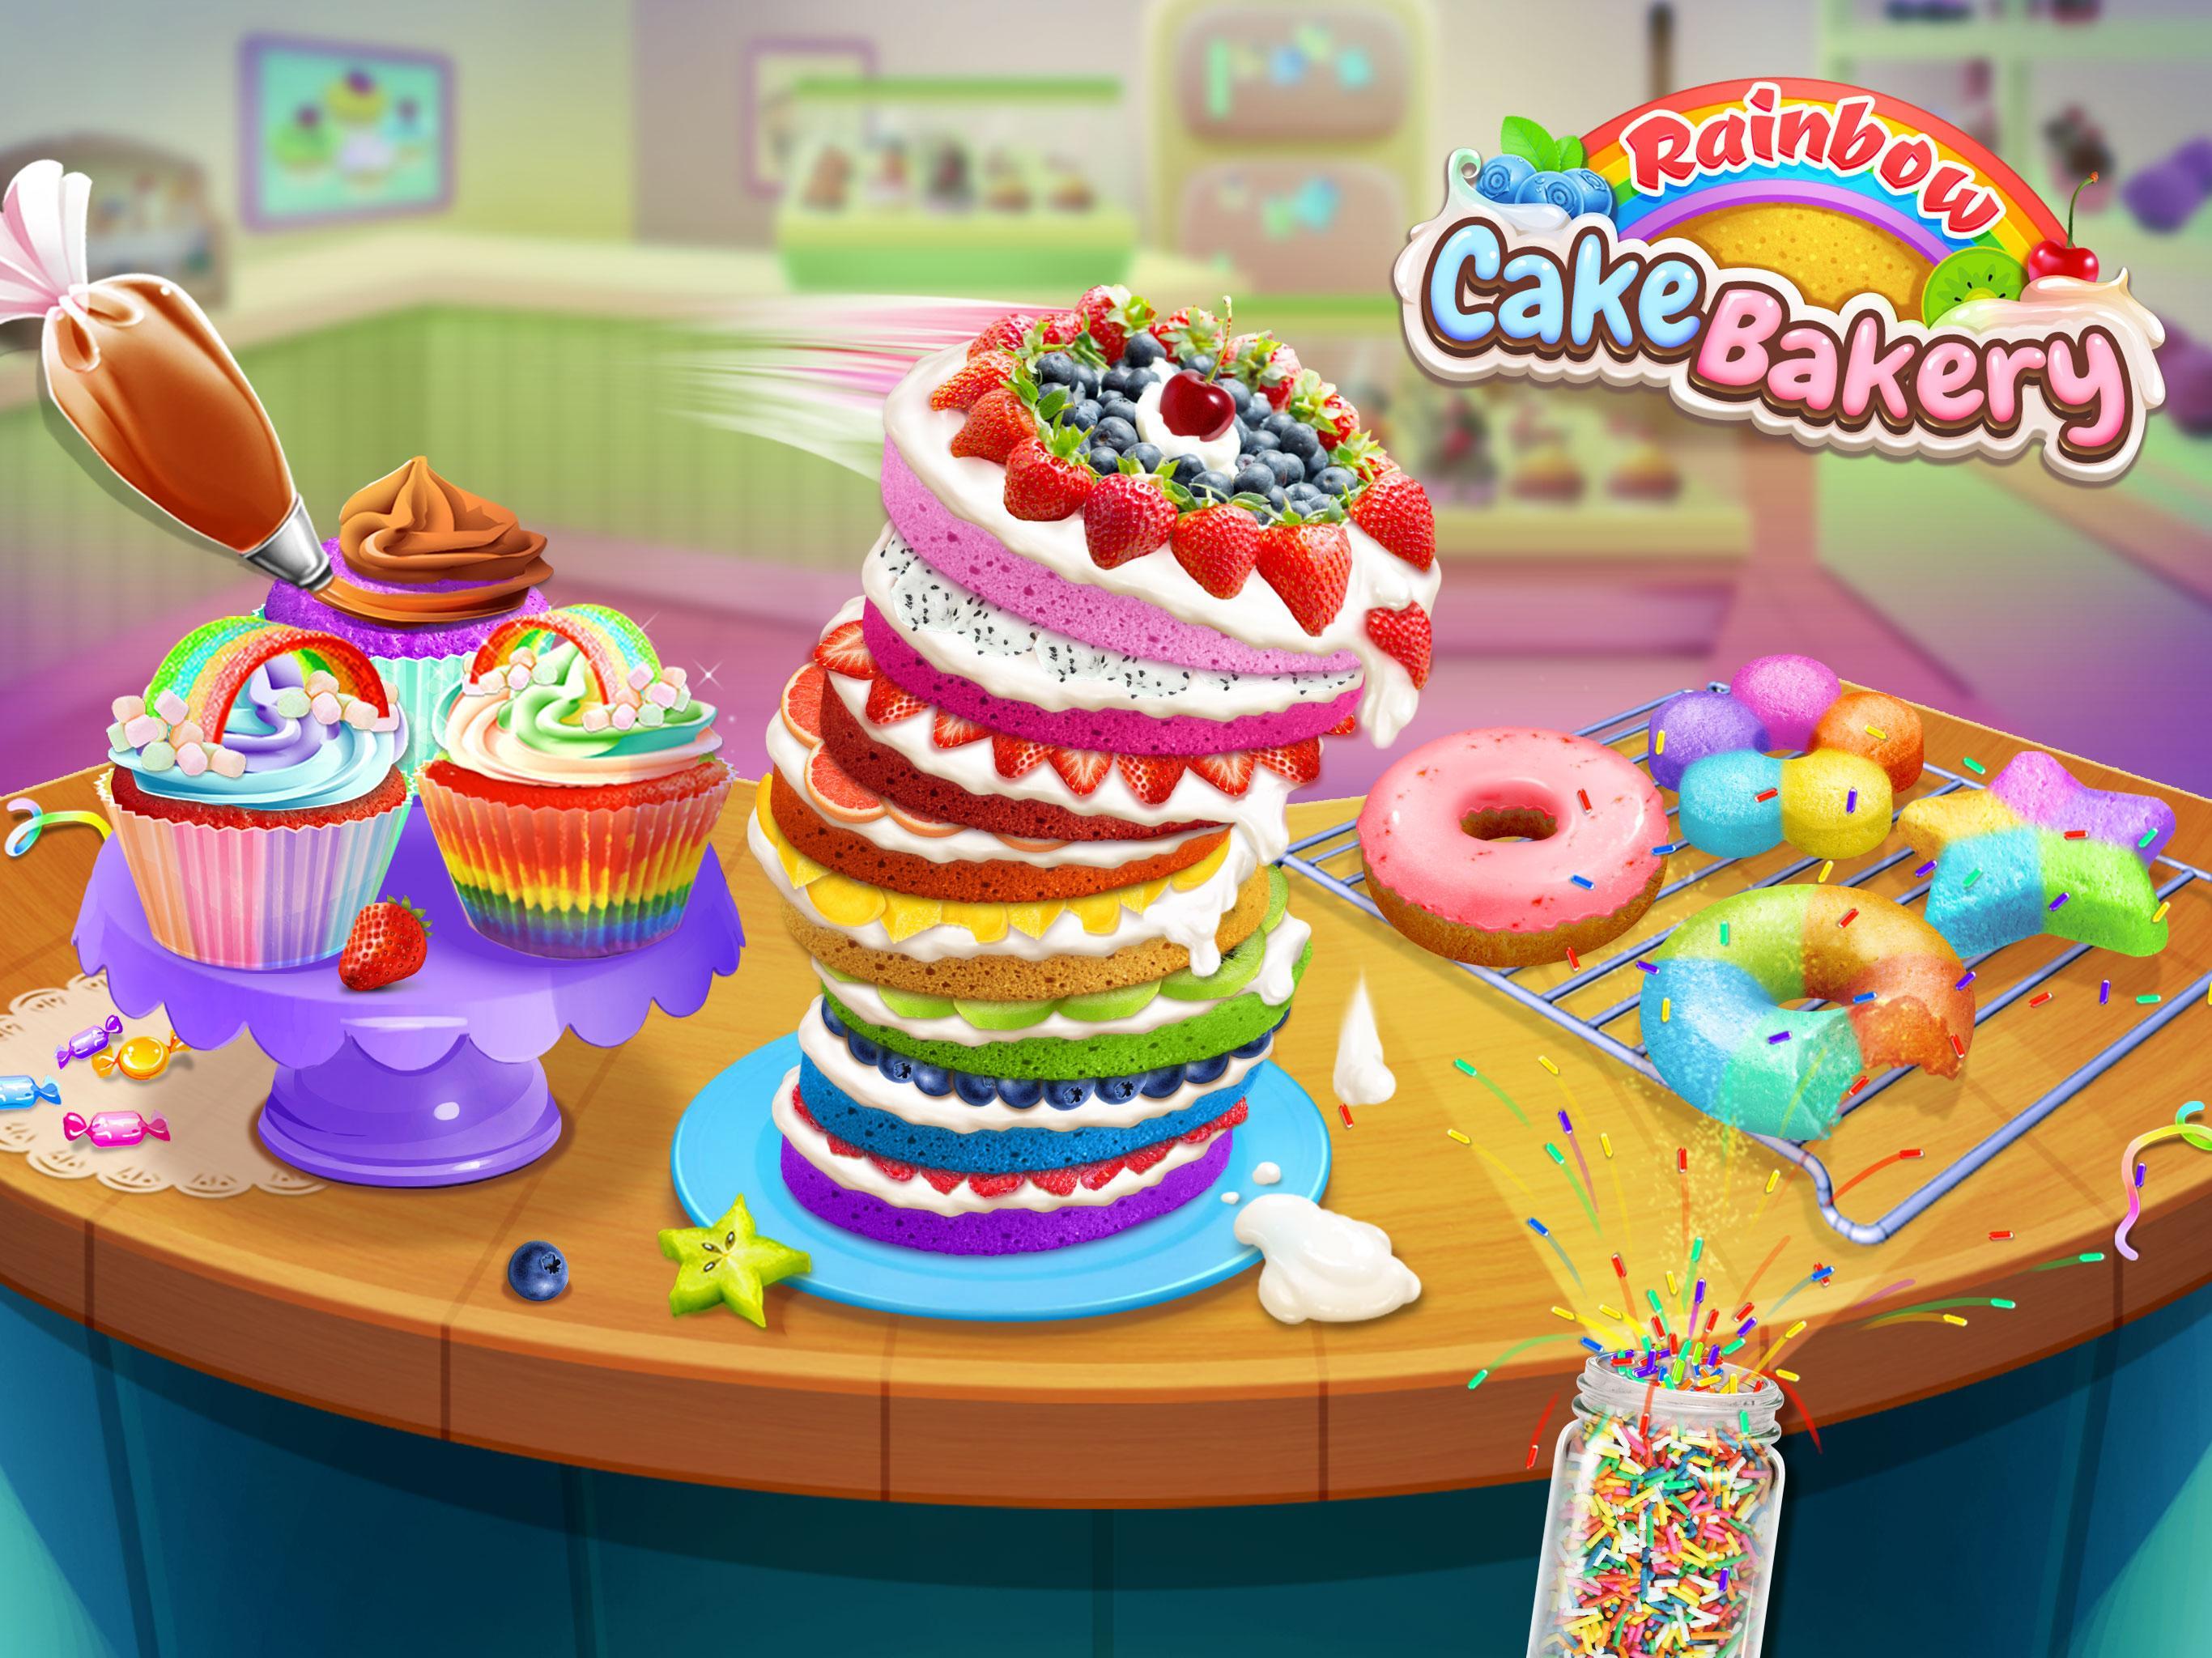 彩虹蛋糕店—甜点大厨! APP截图